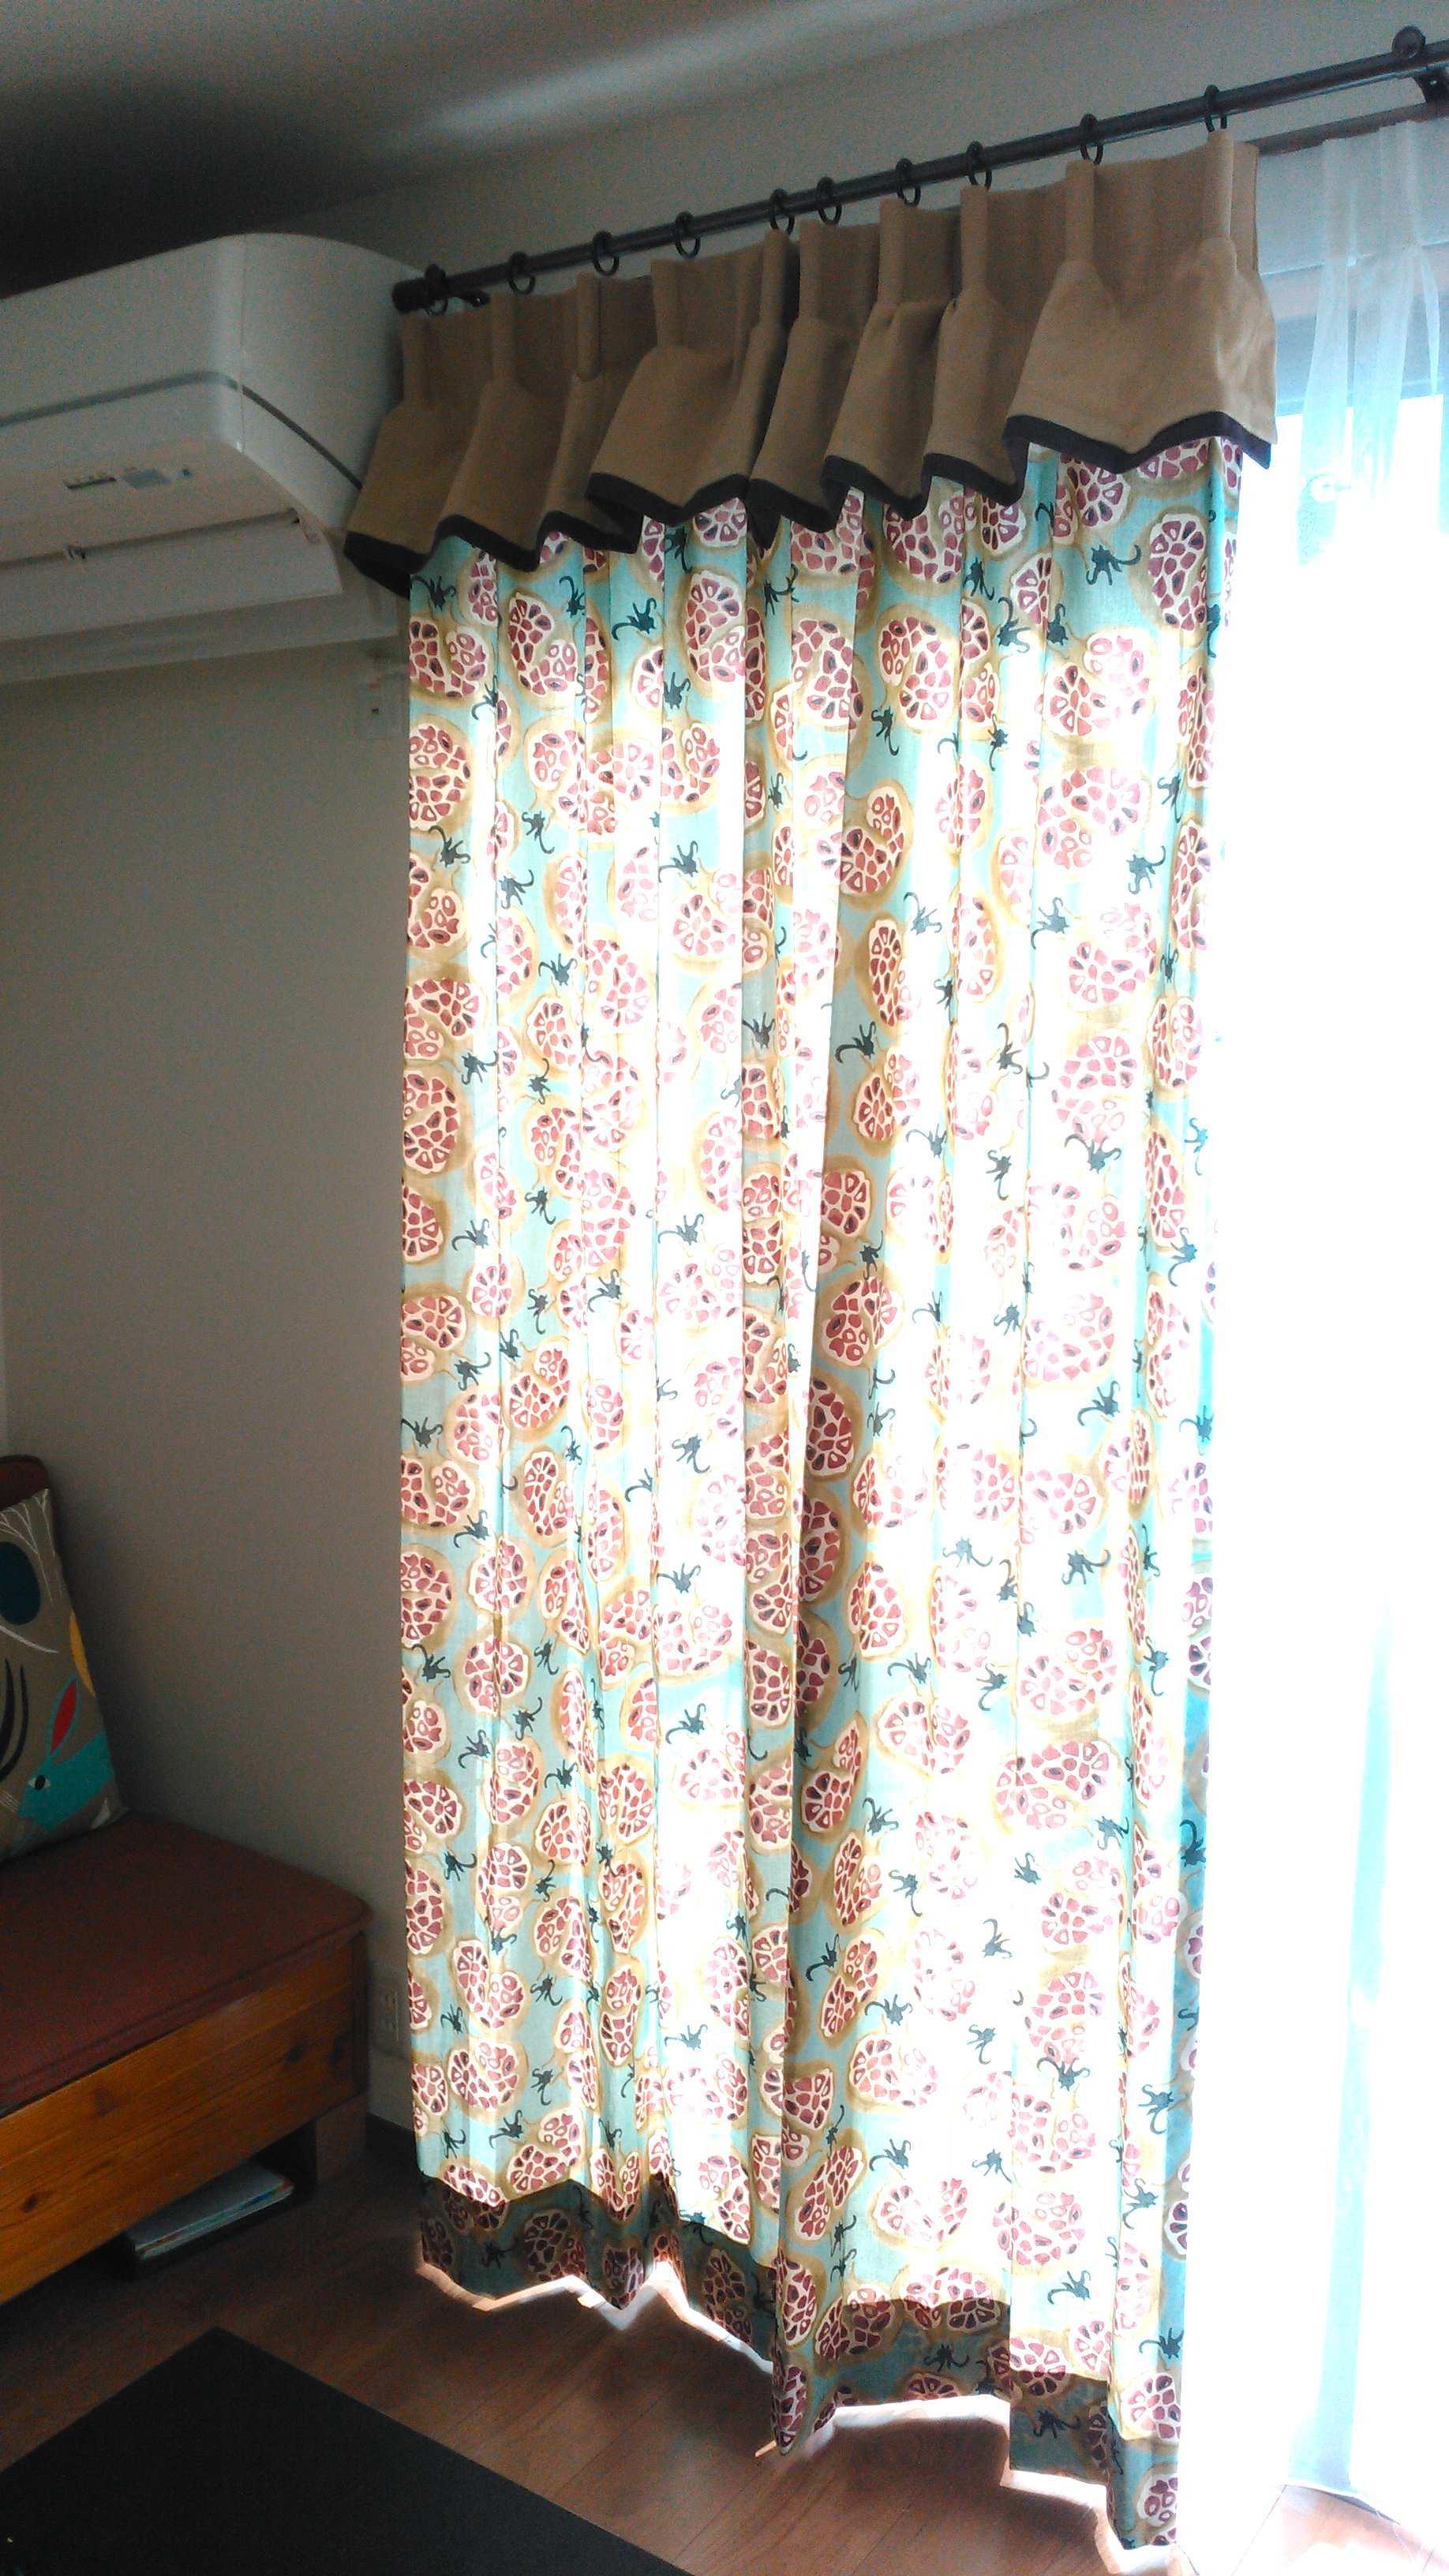 サンダーソン『ザクロ柄』のカーテン モリス正規販売店のブライト_c0157866_16113126.jpg